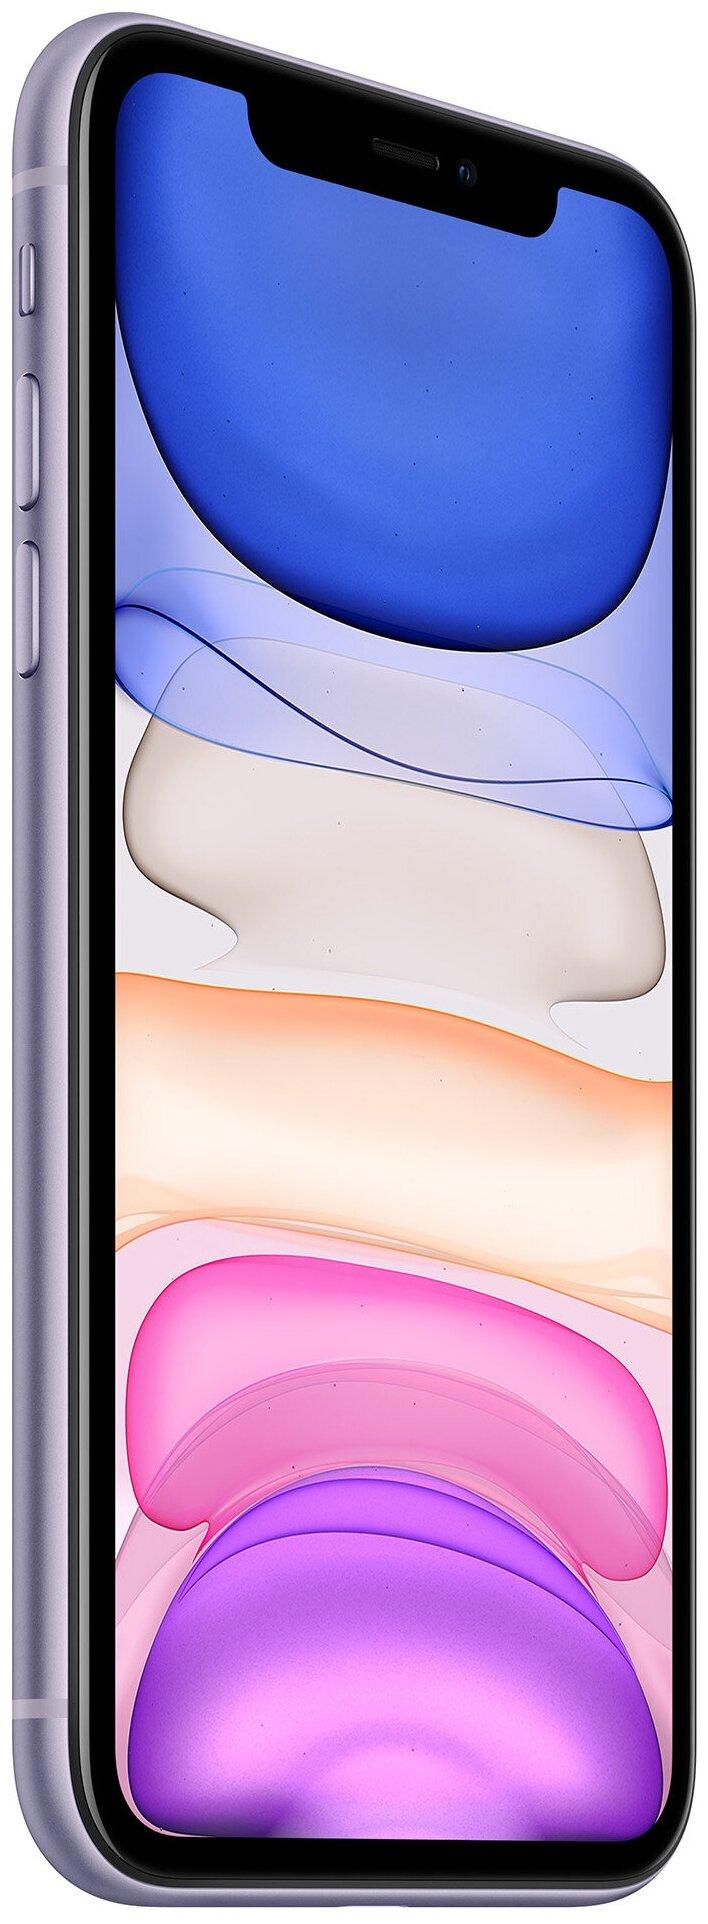 Apple iPhone 11 64GB - оперативная память: 4ГБ